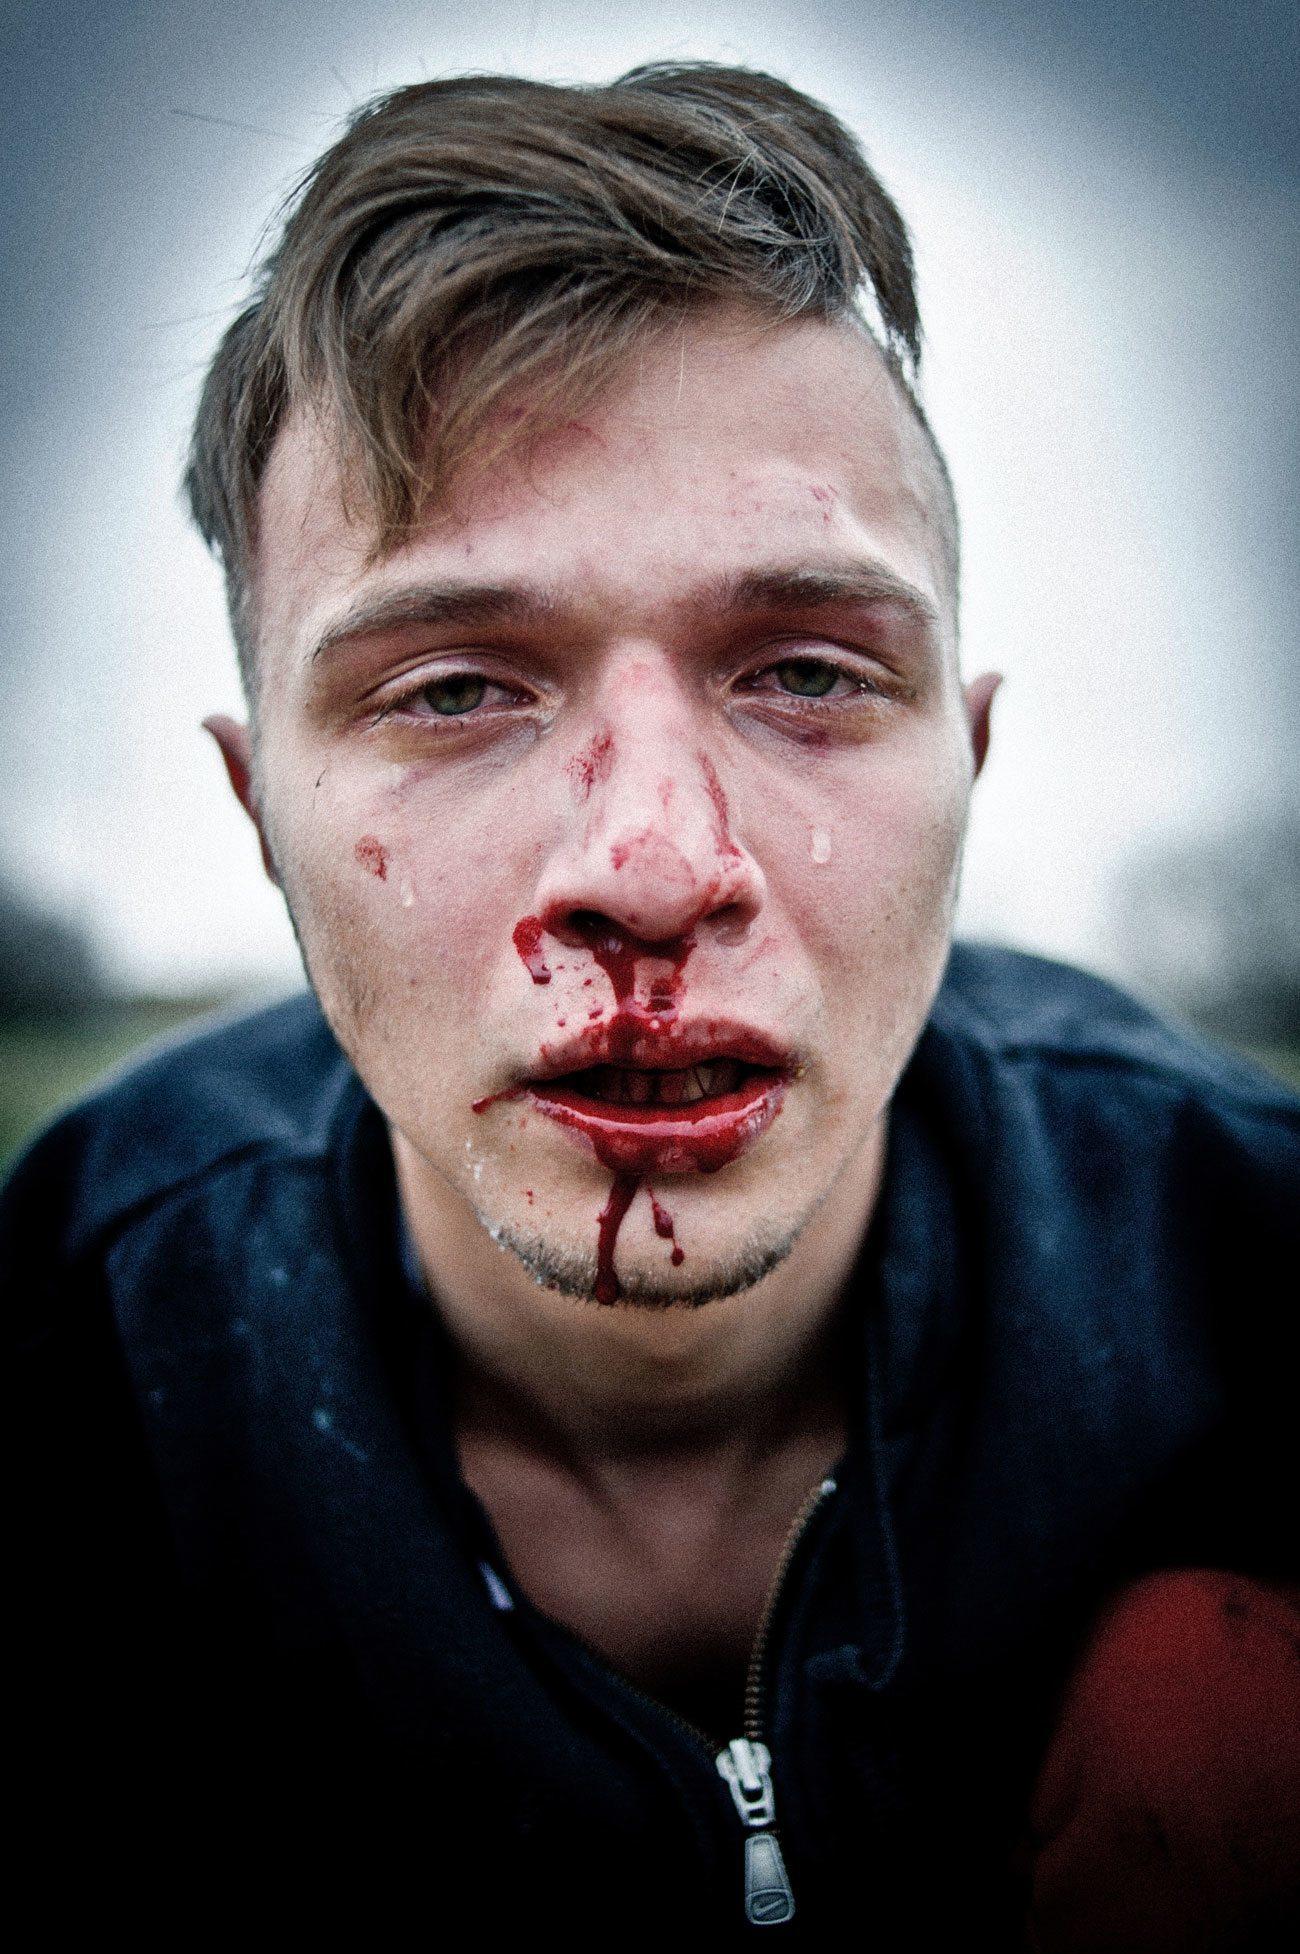 LeadAwards 2015: Andrew Lubimov, Hooligans. Erschienen in Vice Nr. 9/2014. Nominiert in der Kategorie Reportagefotografie des Jahres